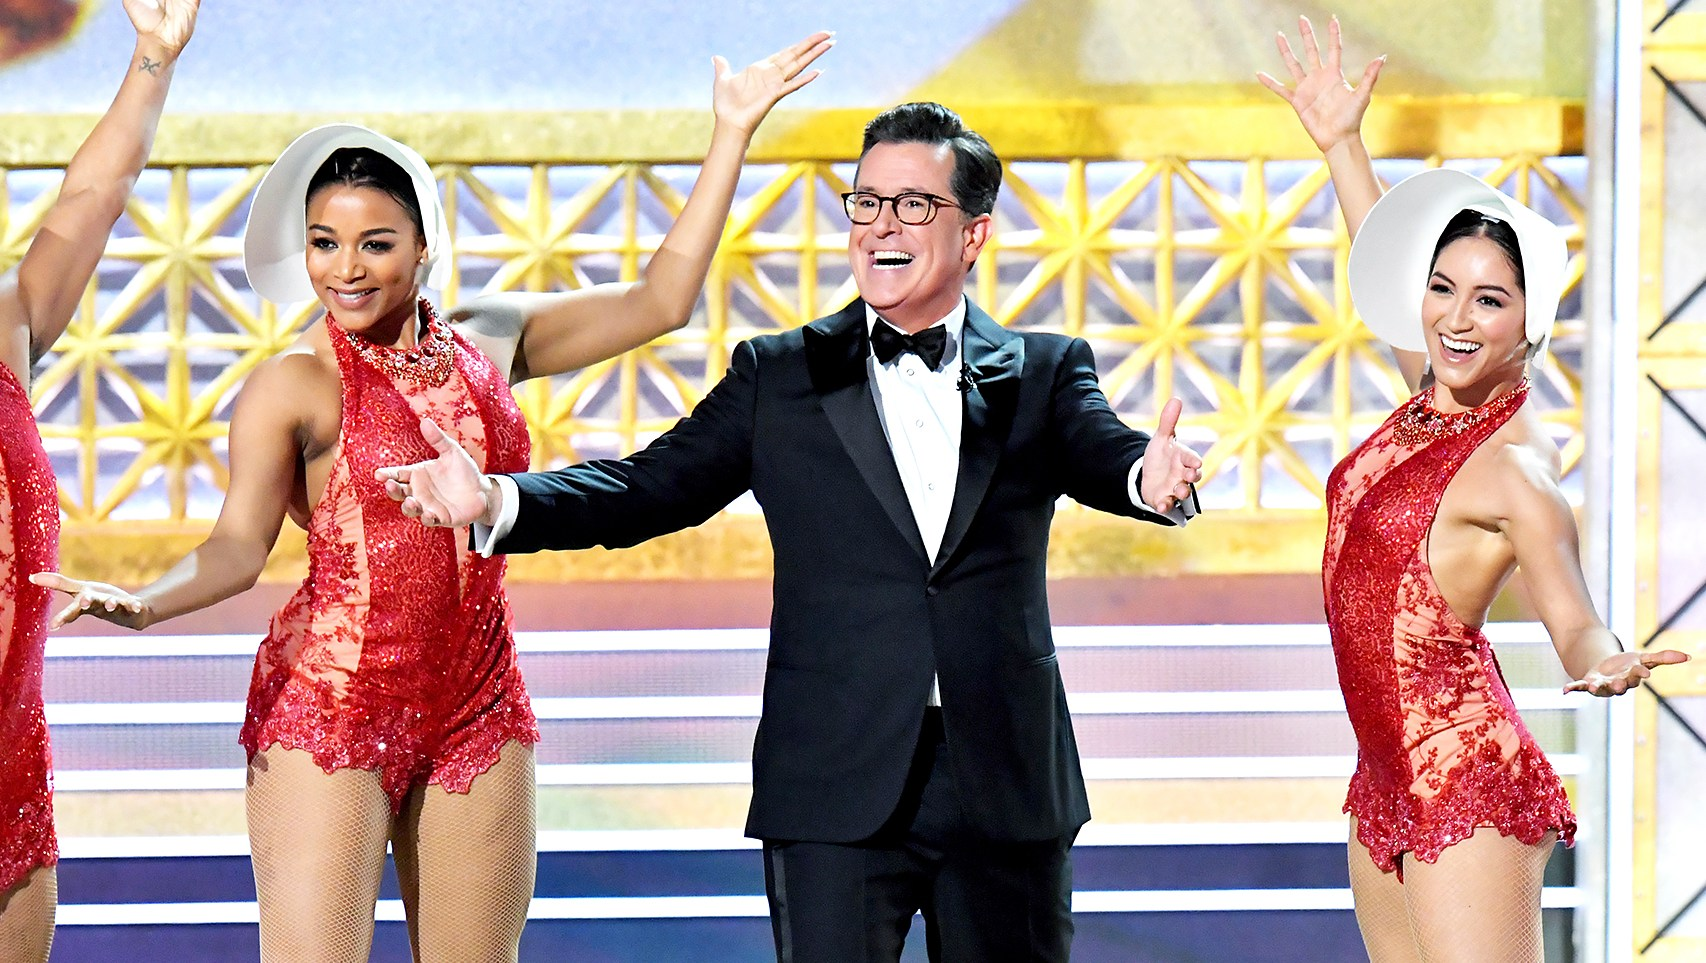 Stephen Colbert Emmys Awards Host 2017